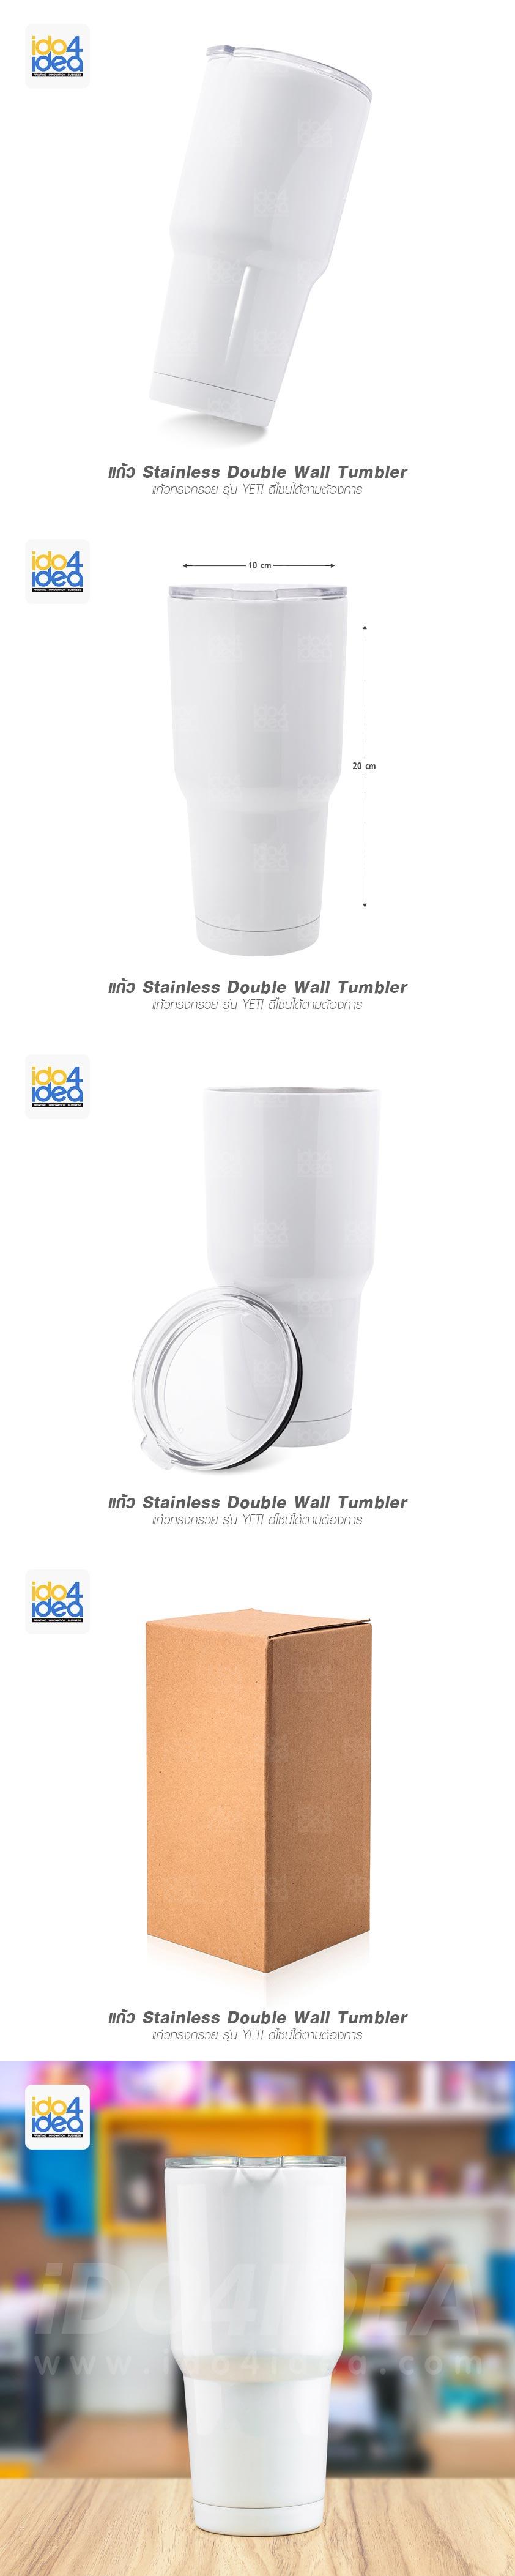 แก้วทรงกรวย Stainless Double Wall Tumbler รุ่น Yeti สีขาว 30 Oz. แบบ Coating